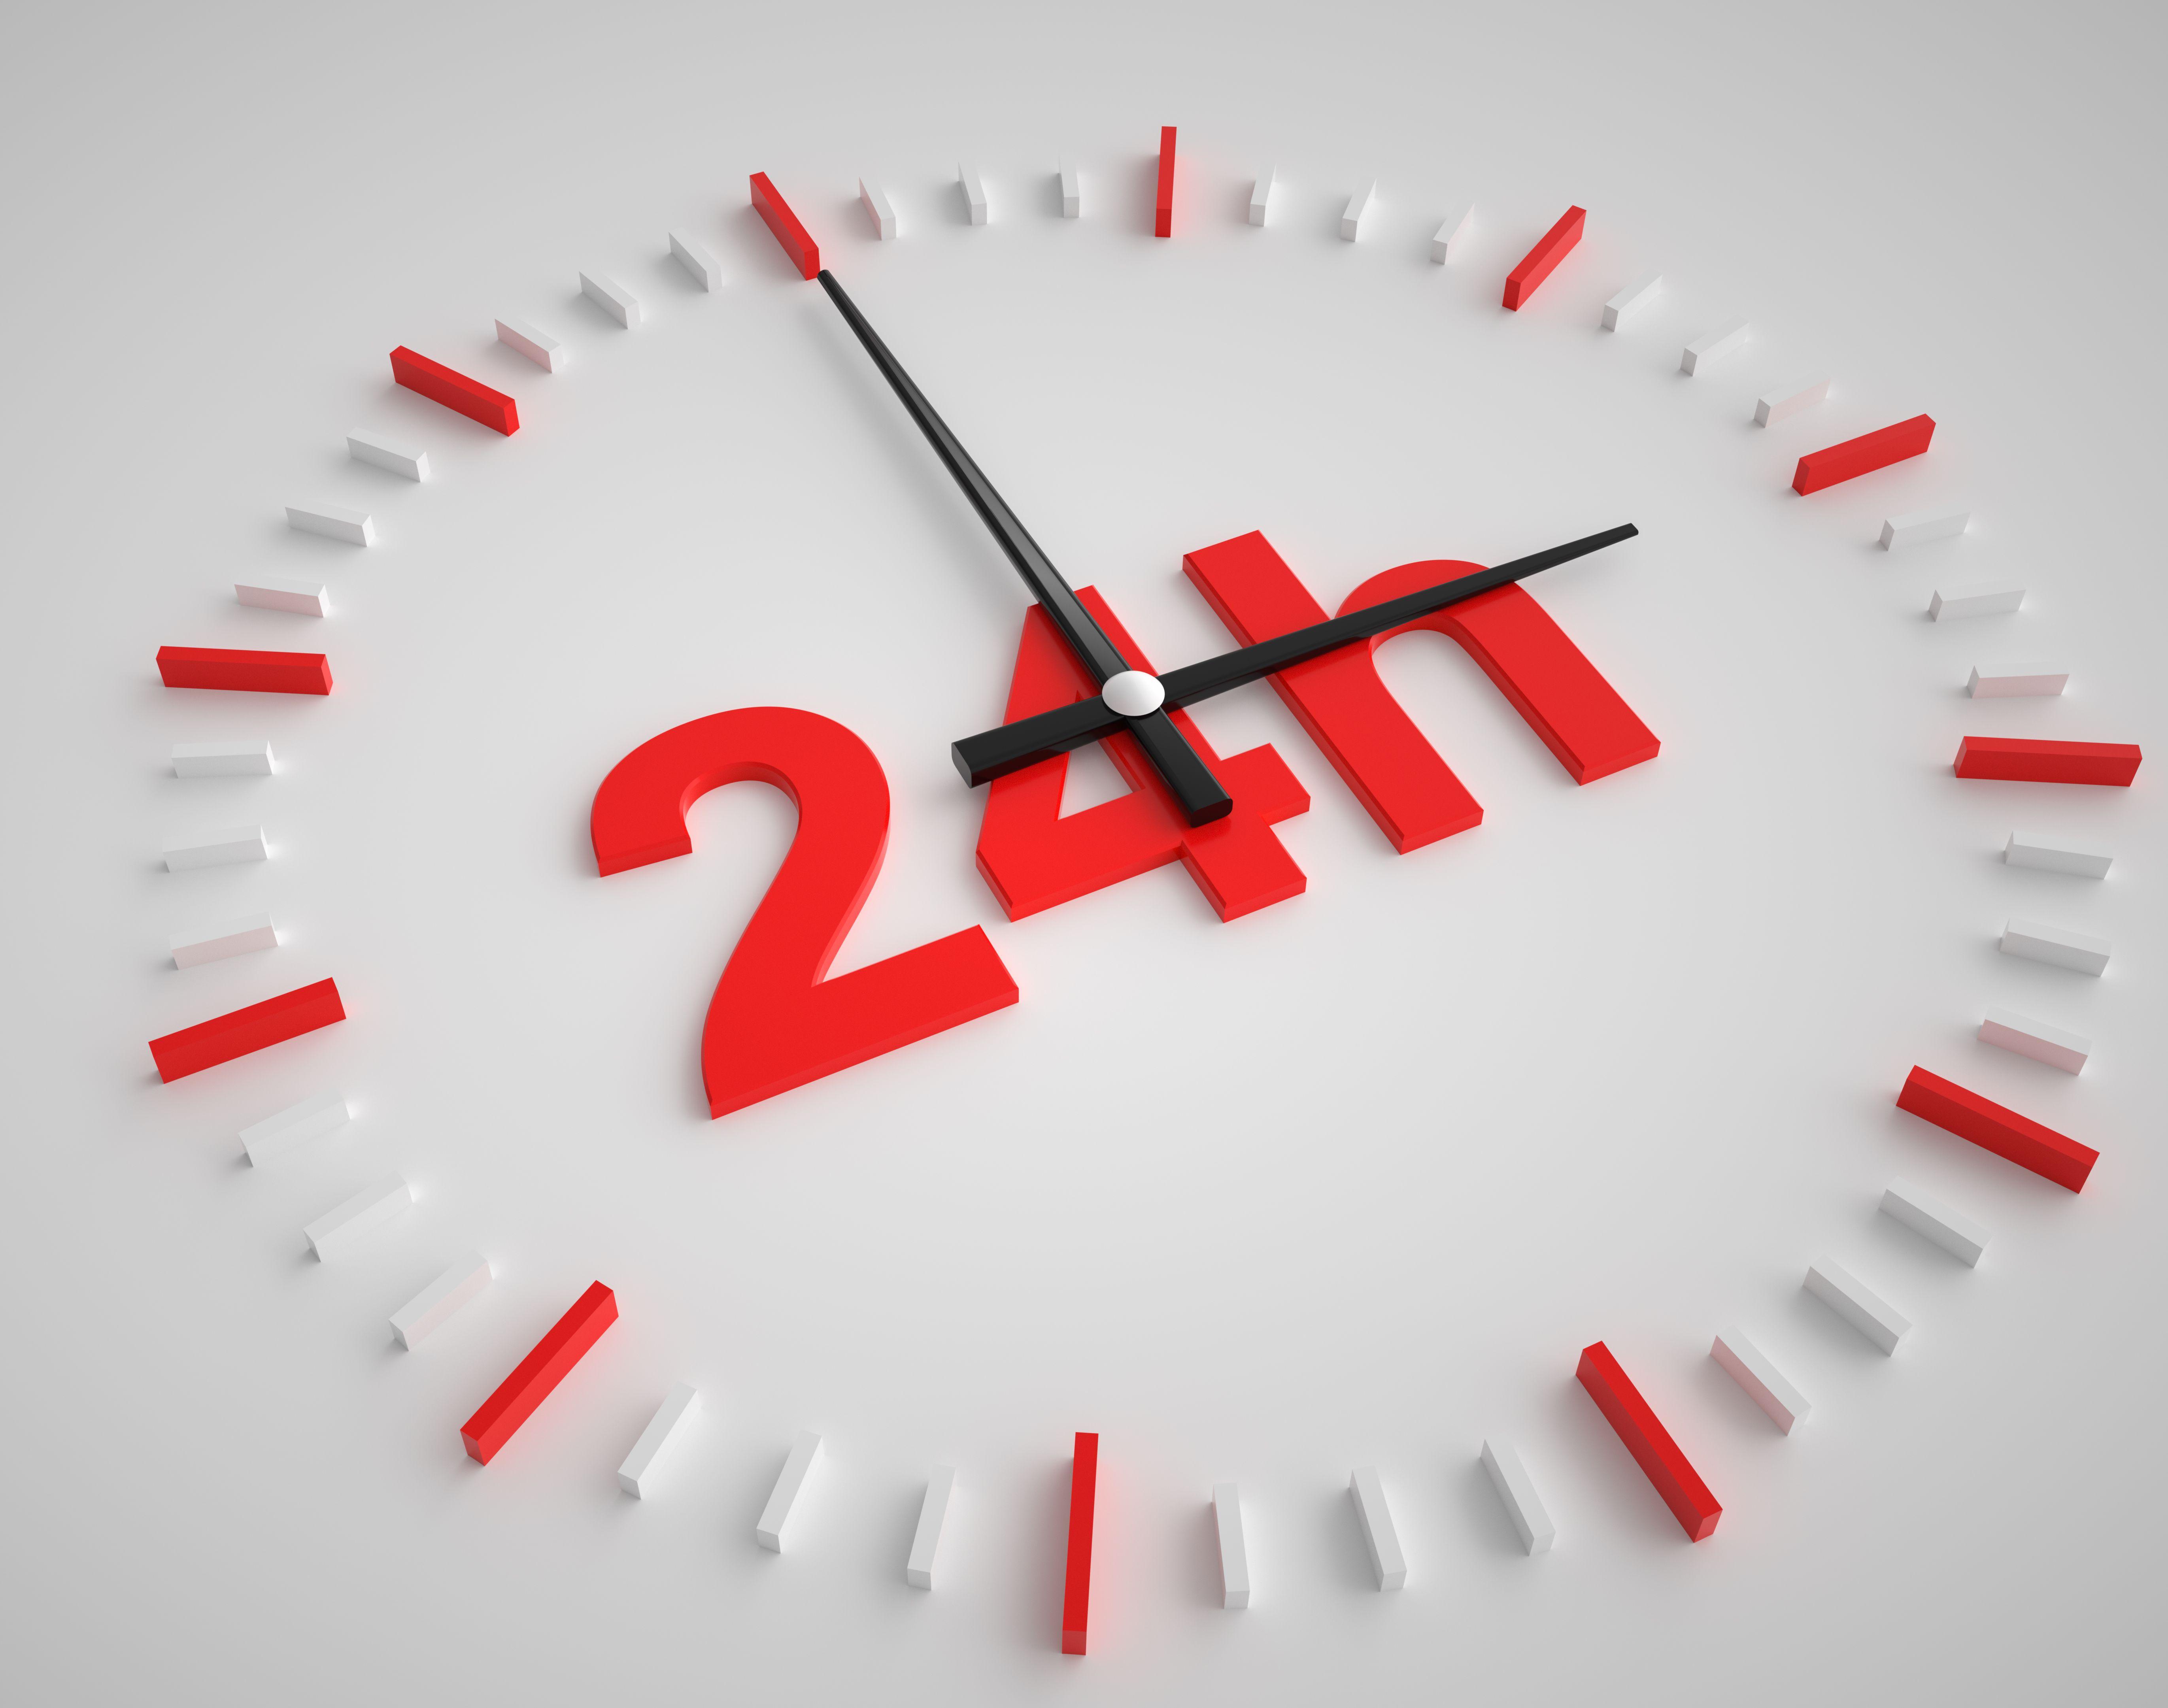 Servicio 24 horas: Servicios de Servicios Integrales Marbella